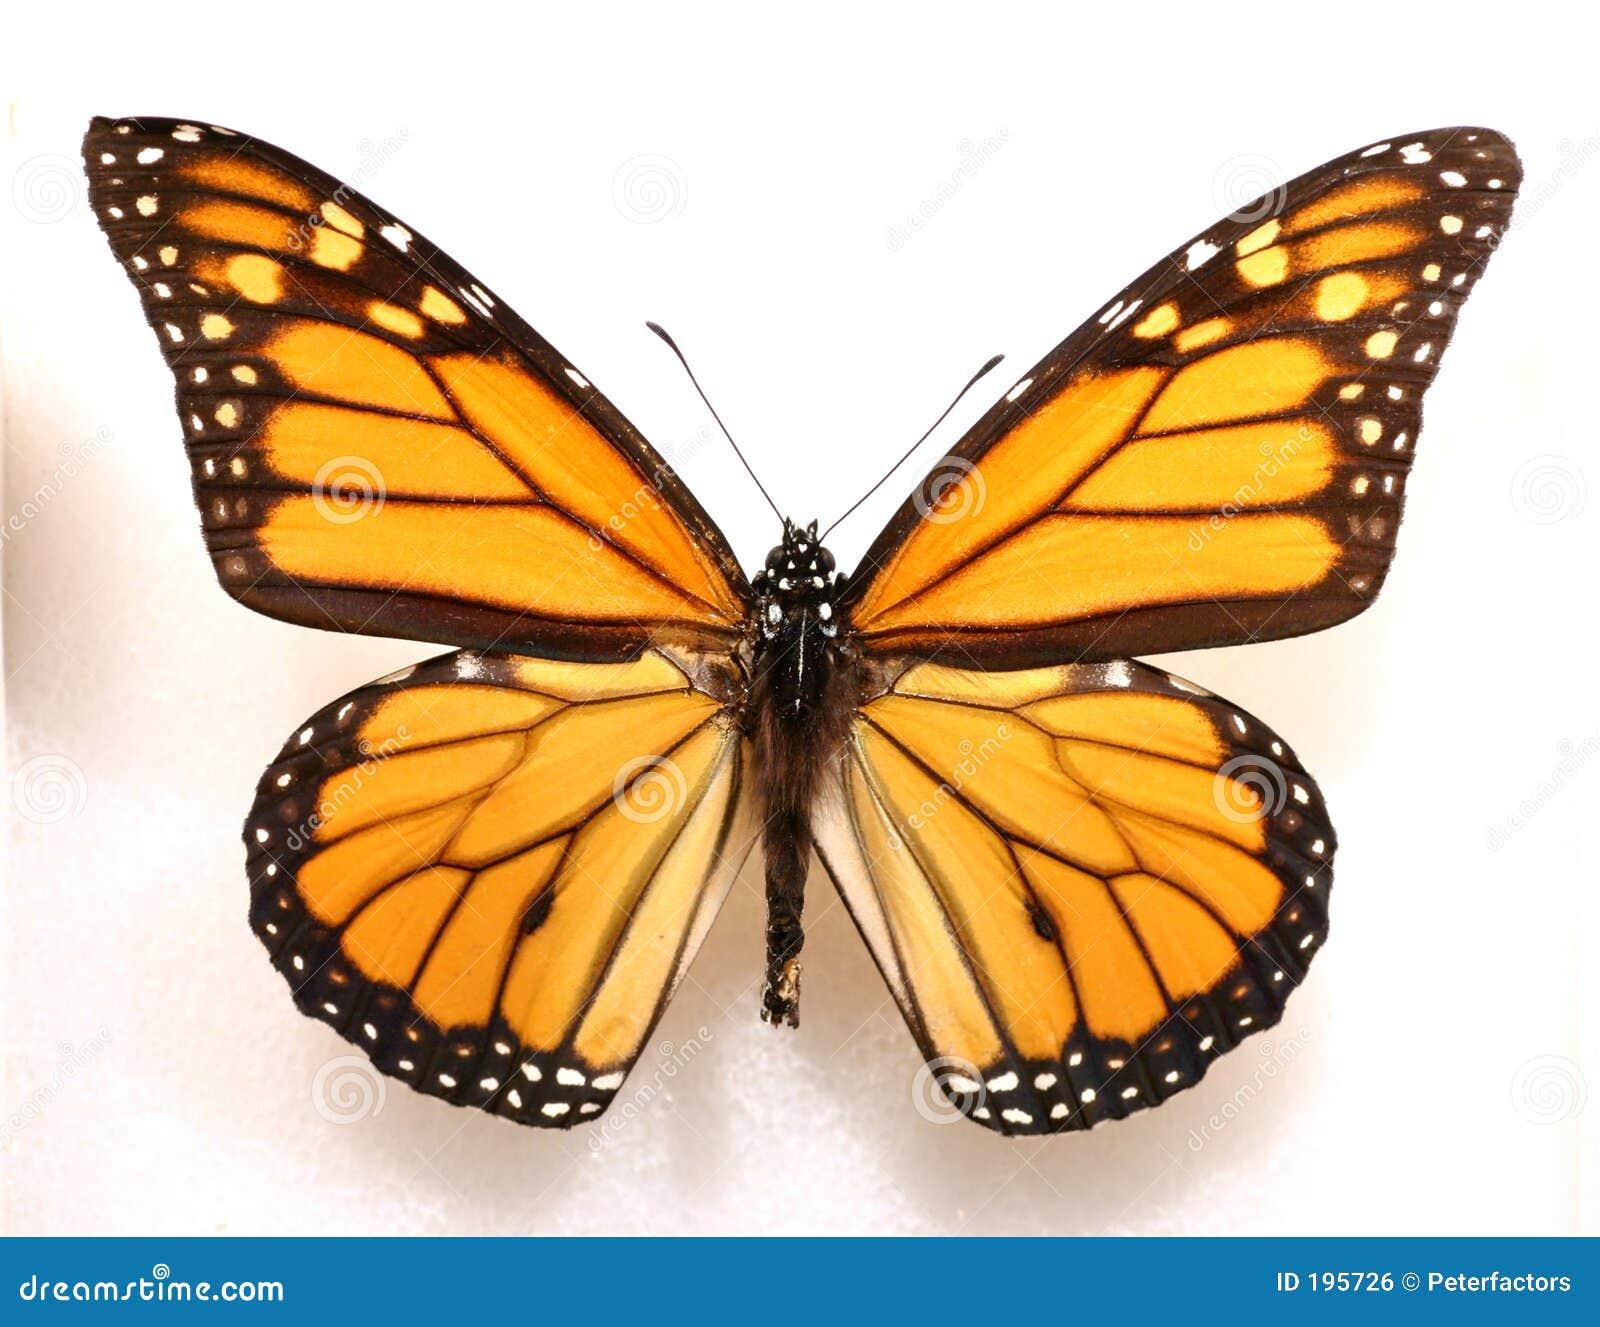 Monarchbasisrecheneinheit